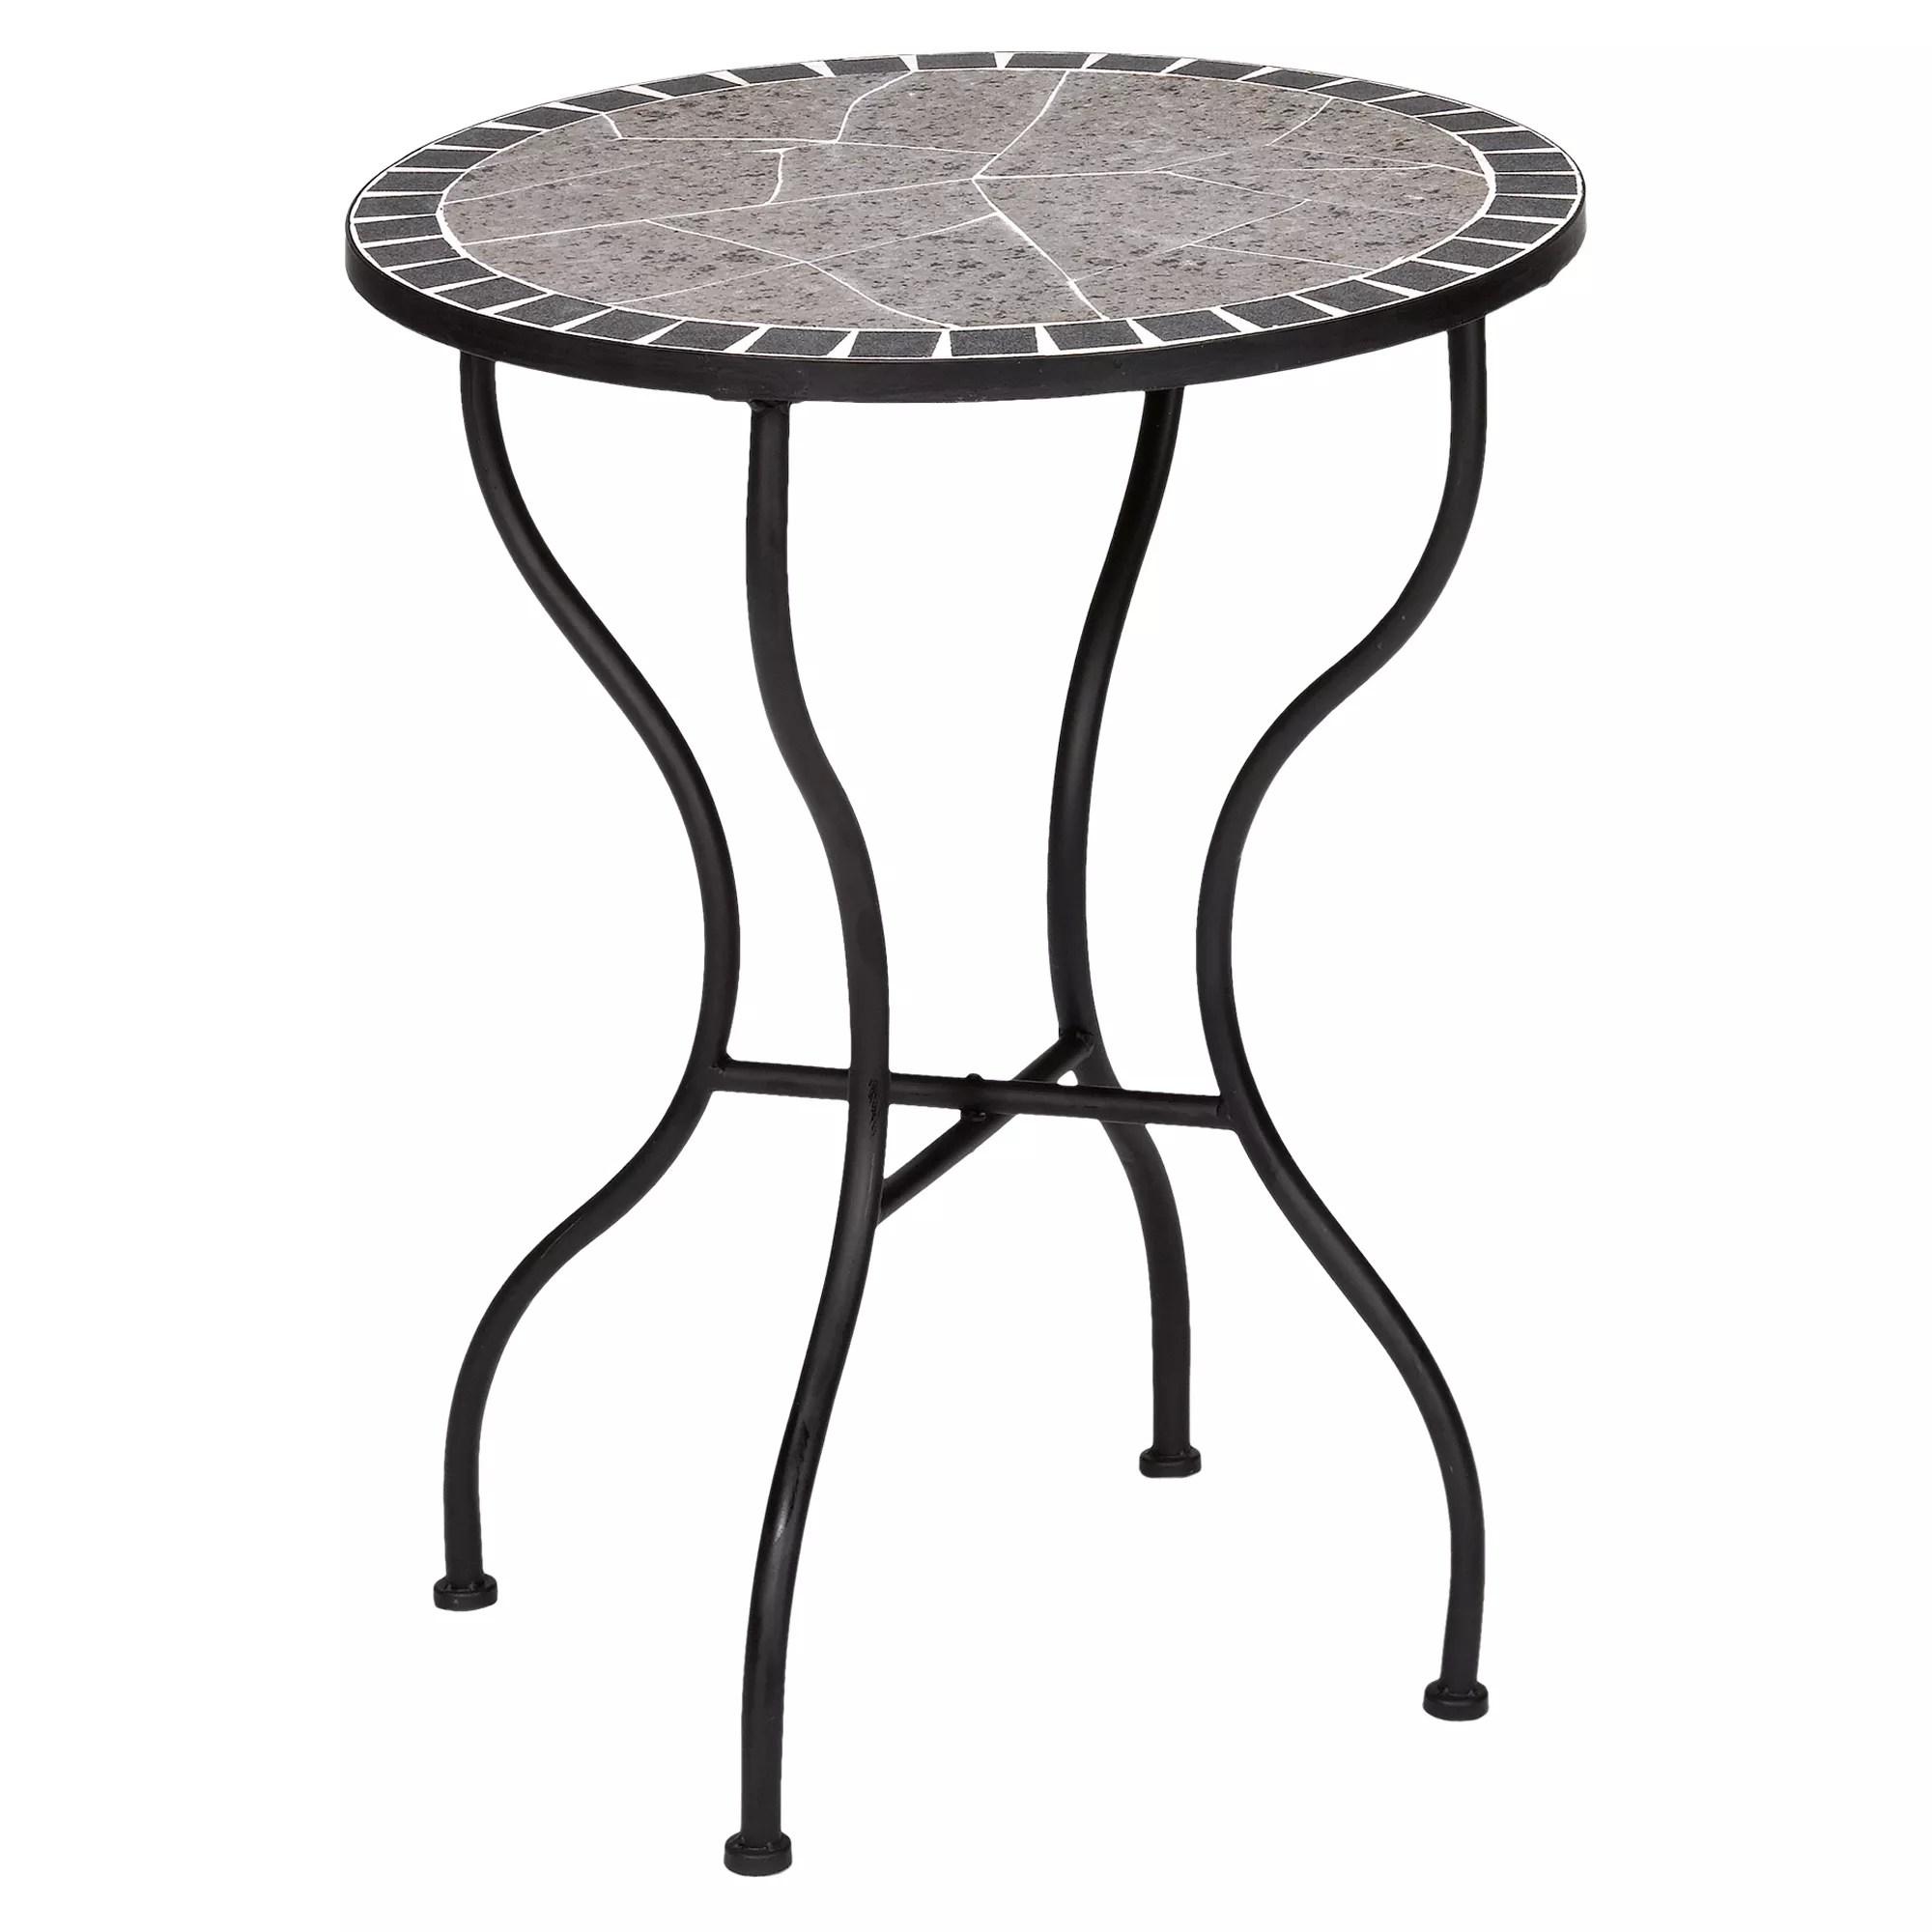 Gartentisch Rund Mosaik Kmh Gartentisch 120 Cm Rund Tisch Gartenmobel